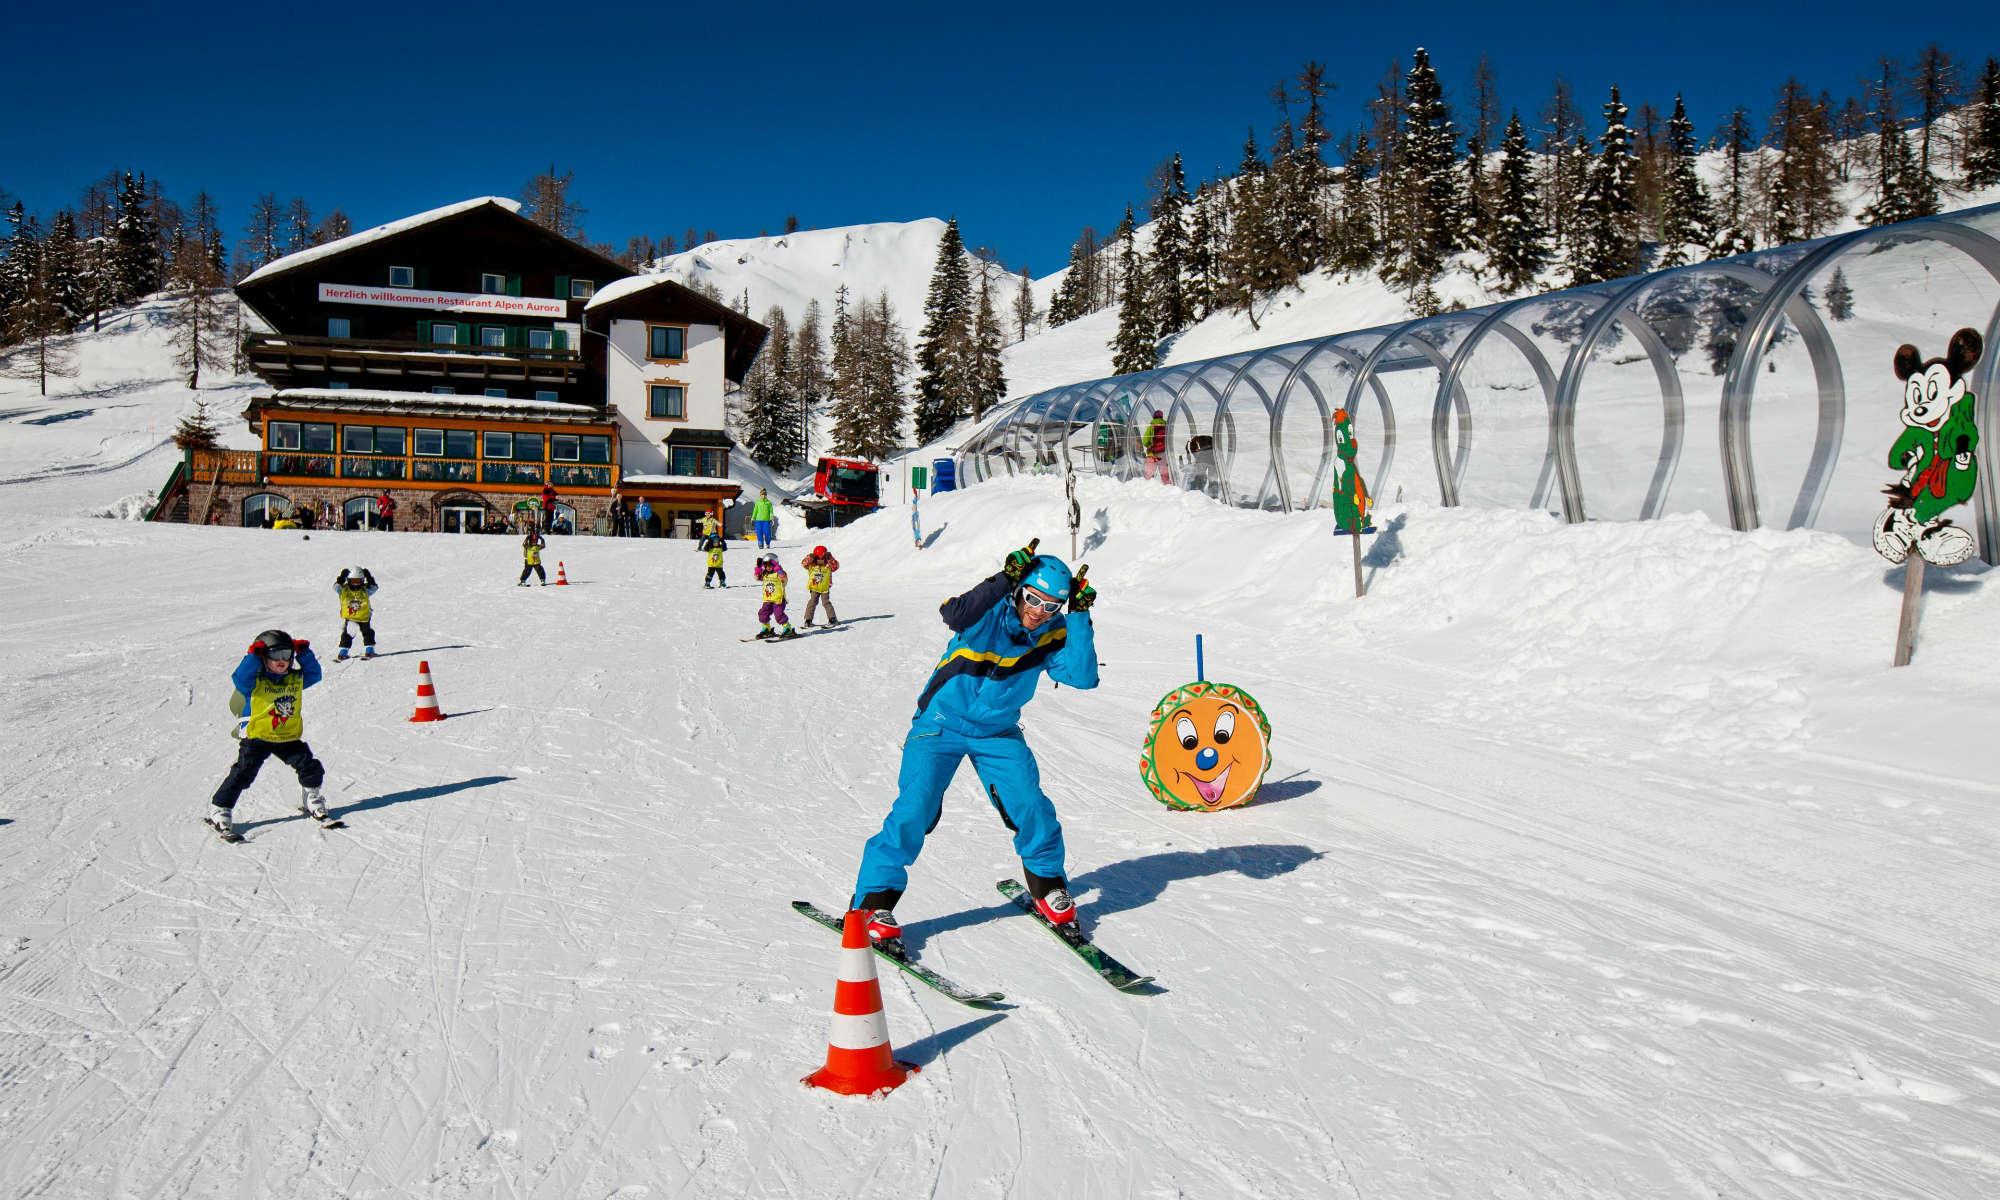 Ein Skilehrer und Kinder beim Skikurs im Kinderland auf der Tauplitzalm.